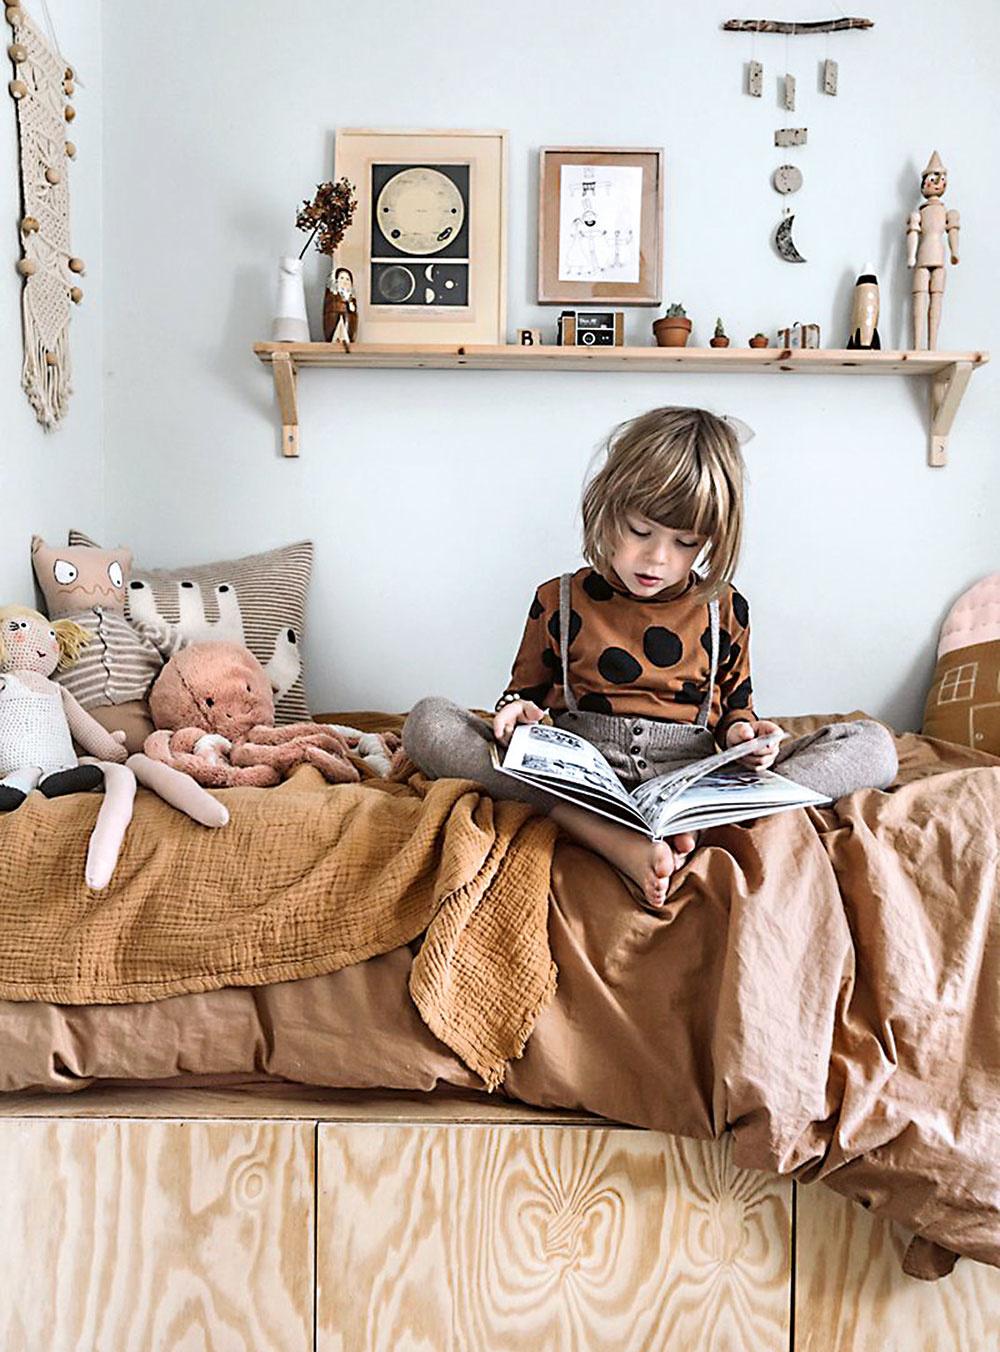 Príjemné apokojné farby. Obklopte deti kvalitnými materiálmi aizbu im navrhnite vpríjemných pastelových či neutrálnych farbách. Mentolová, modrá, sivá, púdrová ružová ihorčicovožltá vytvoria útulný minimalistický interiér.